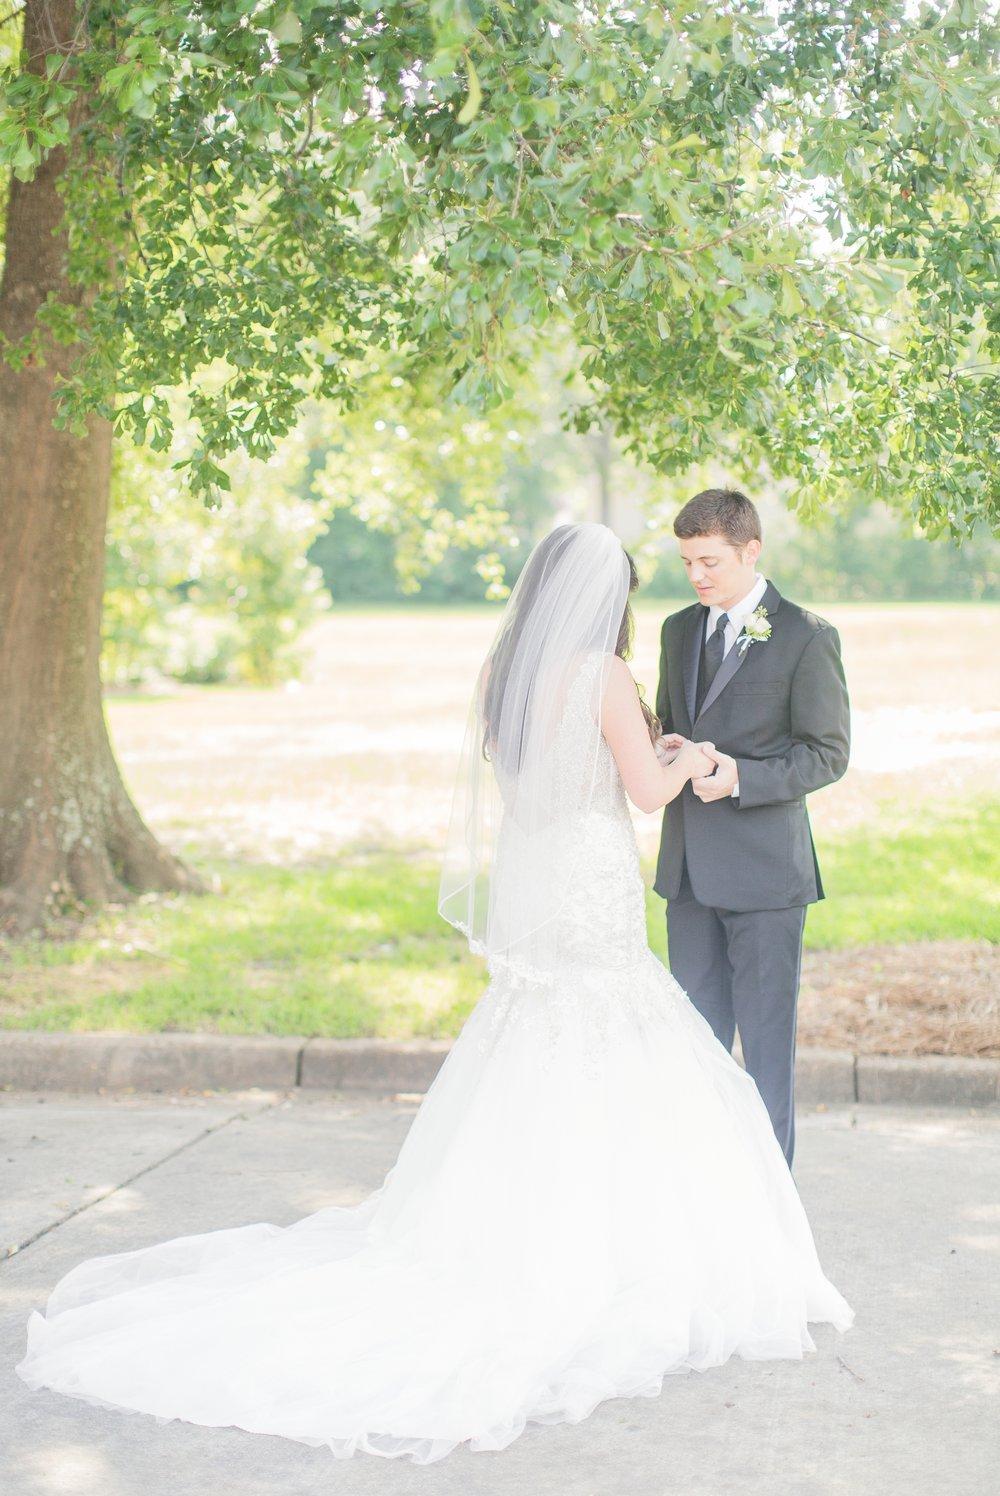 philadelphia-mississippi-summer-wedding 22.jpg